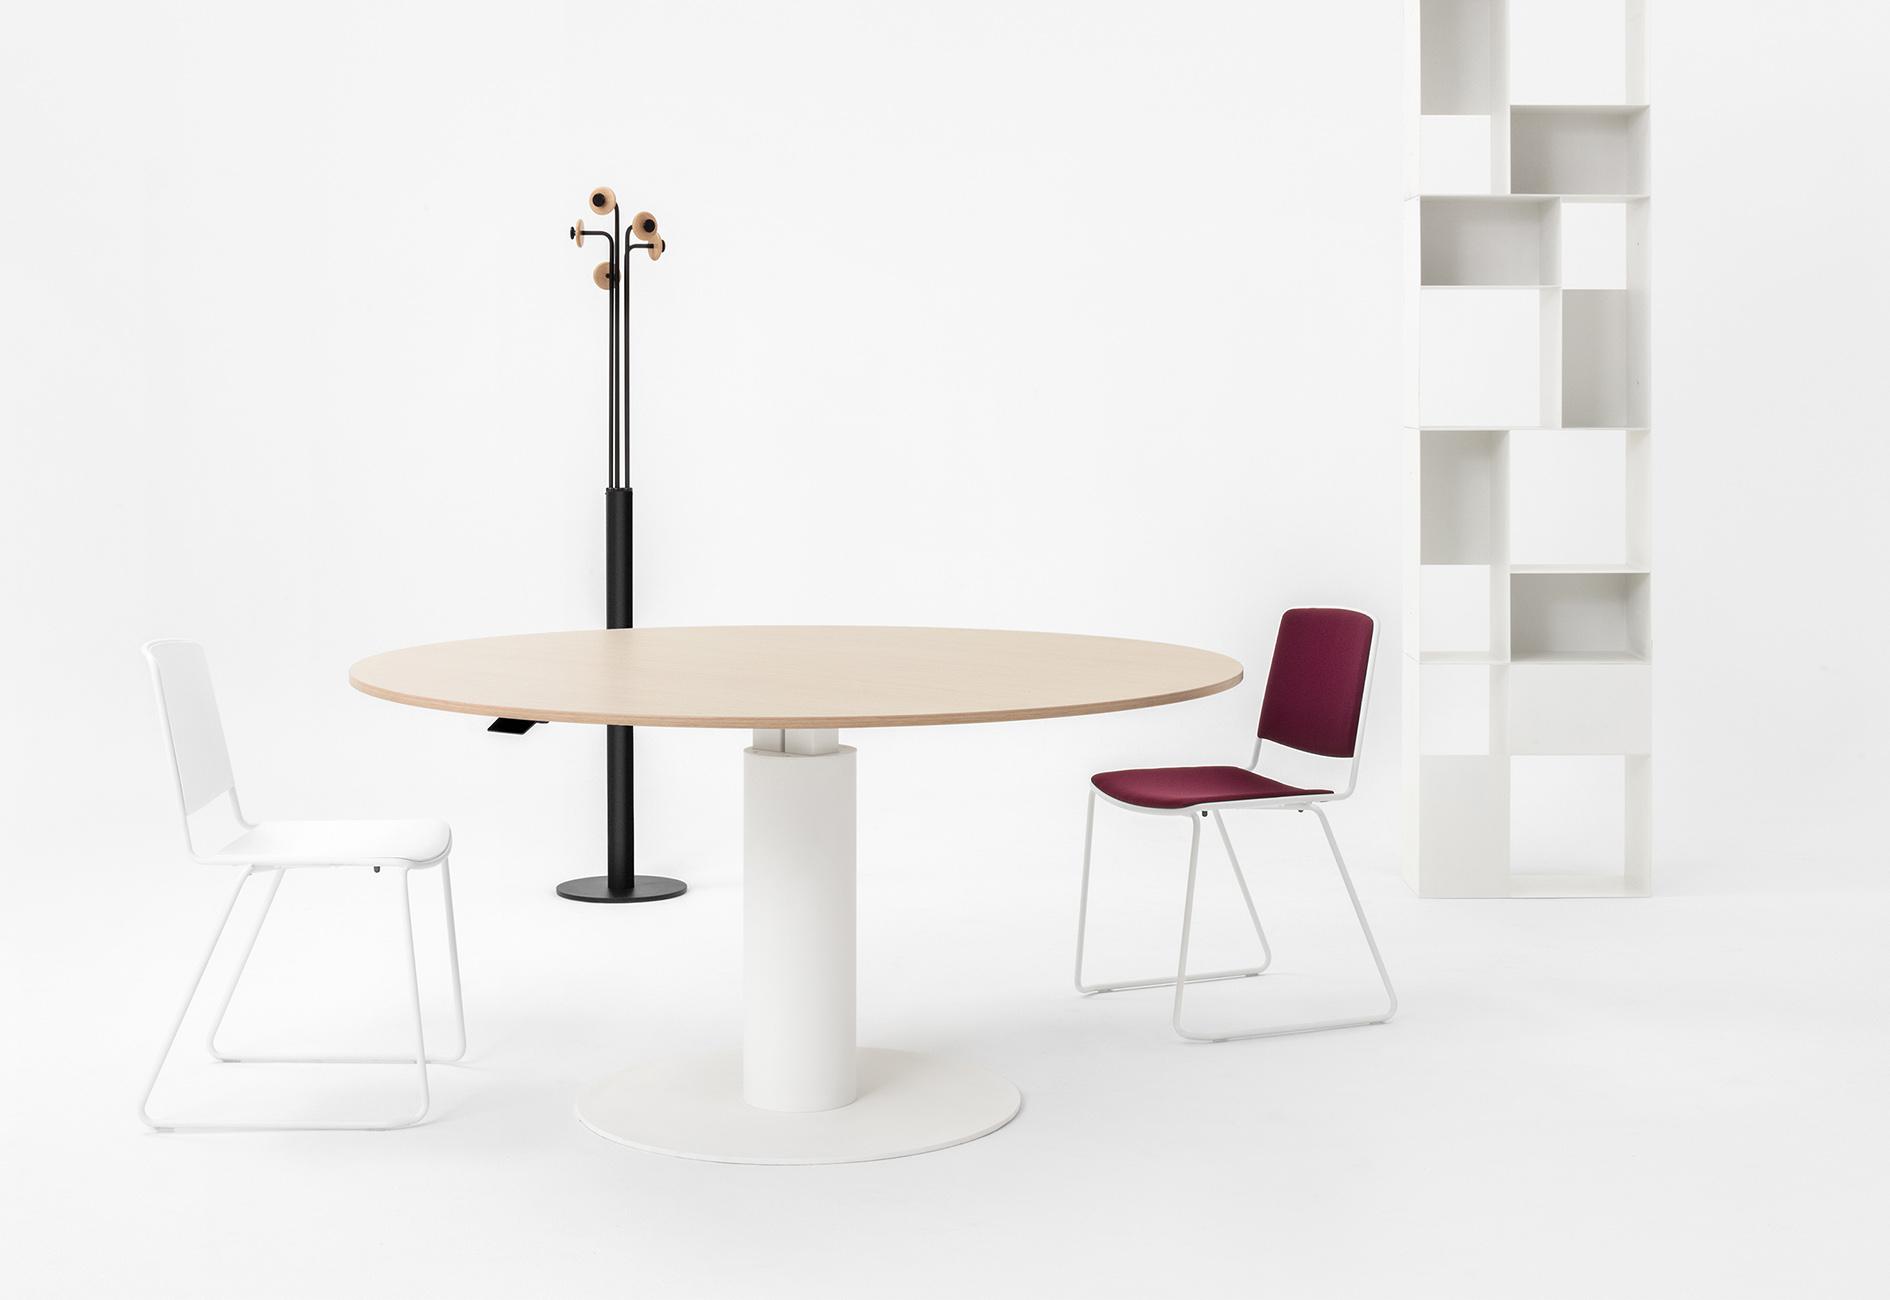 mara follow augstumā regulējams sapulču galds